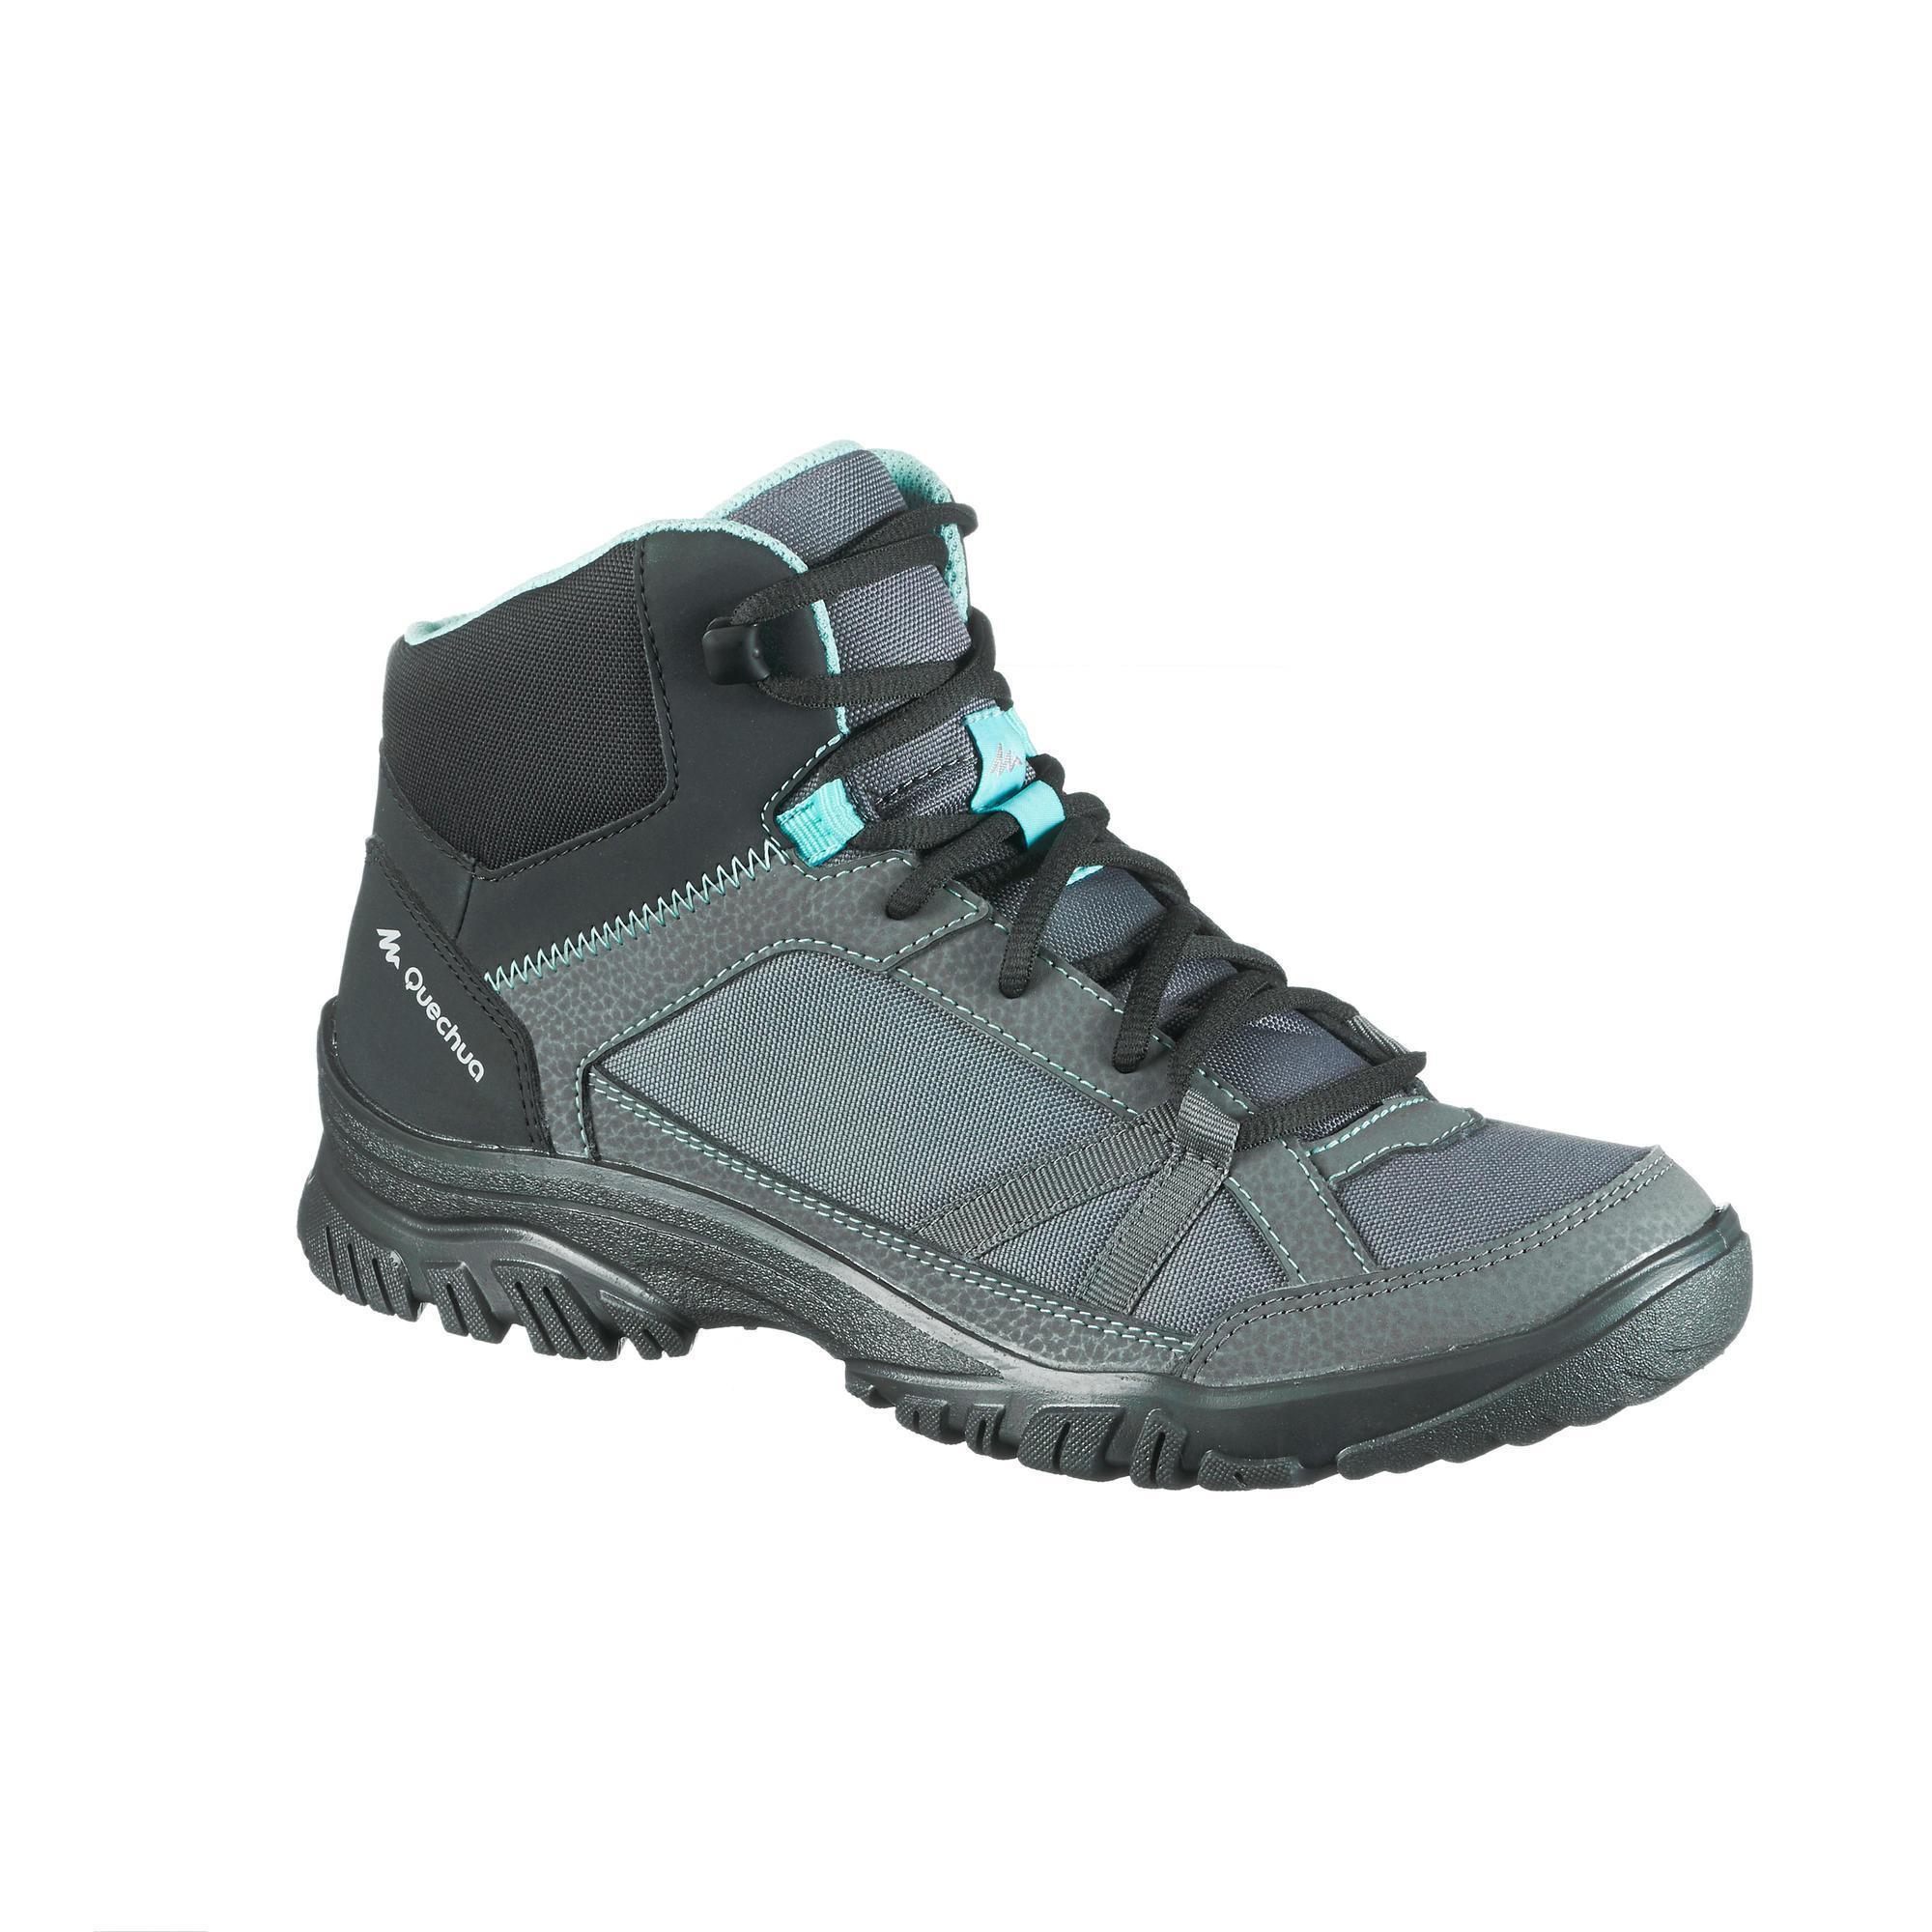 Quechua Schoenen voor wandelen in de natuur NH100 mid grijs blauw dames